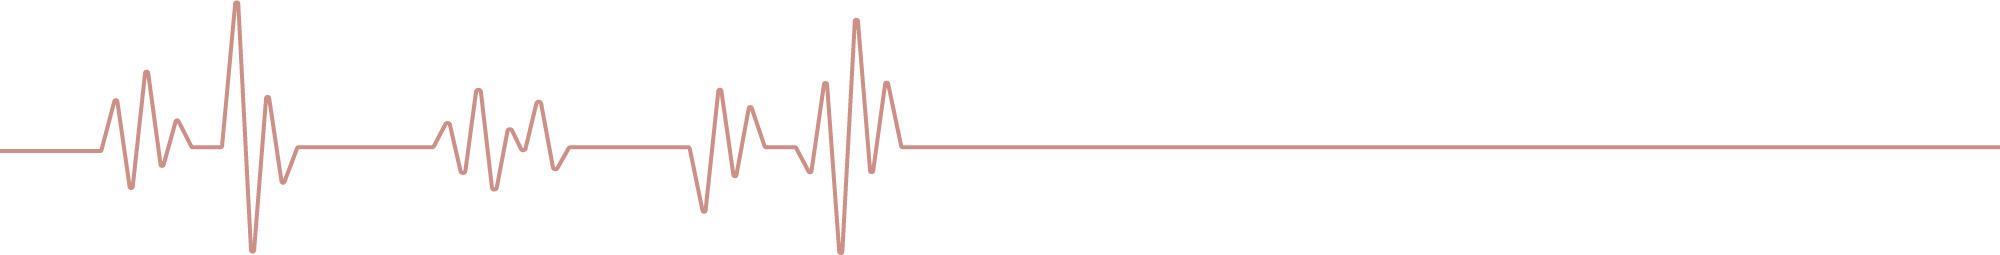 VTV Đặc biệt tháng 9 – Còn mãi nhịp đập trái tim: Sự kết nối kỳ lạ từ trái tim được đập tiếp trong cơ thể mới - Ảnh 2.